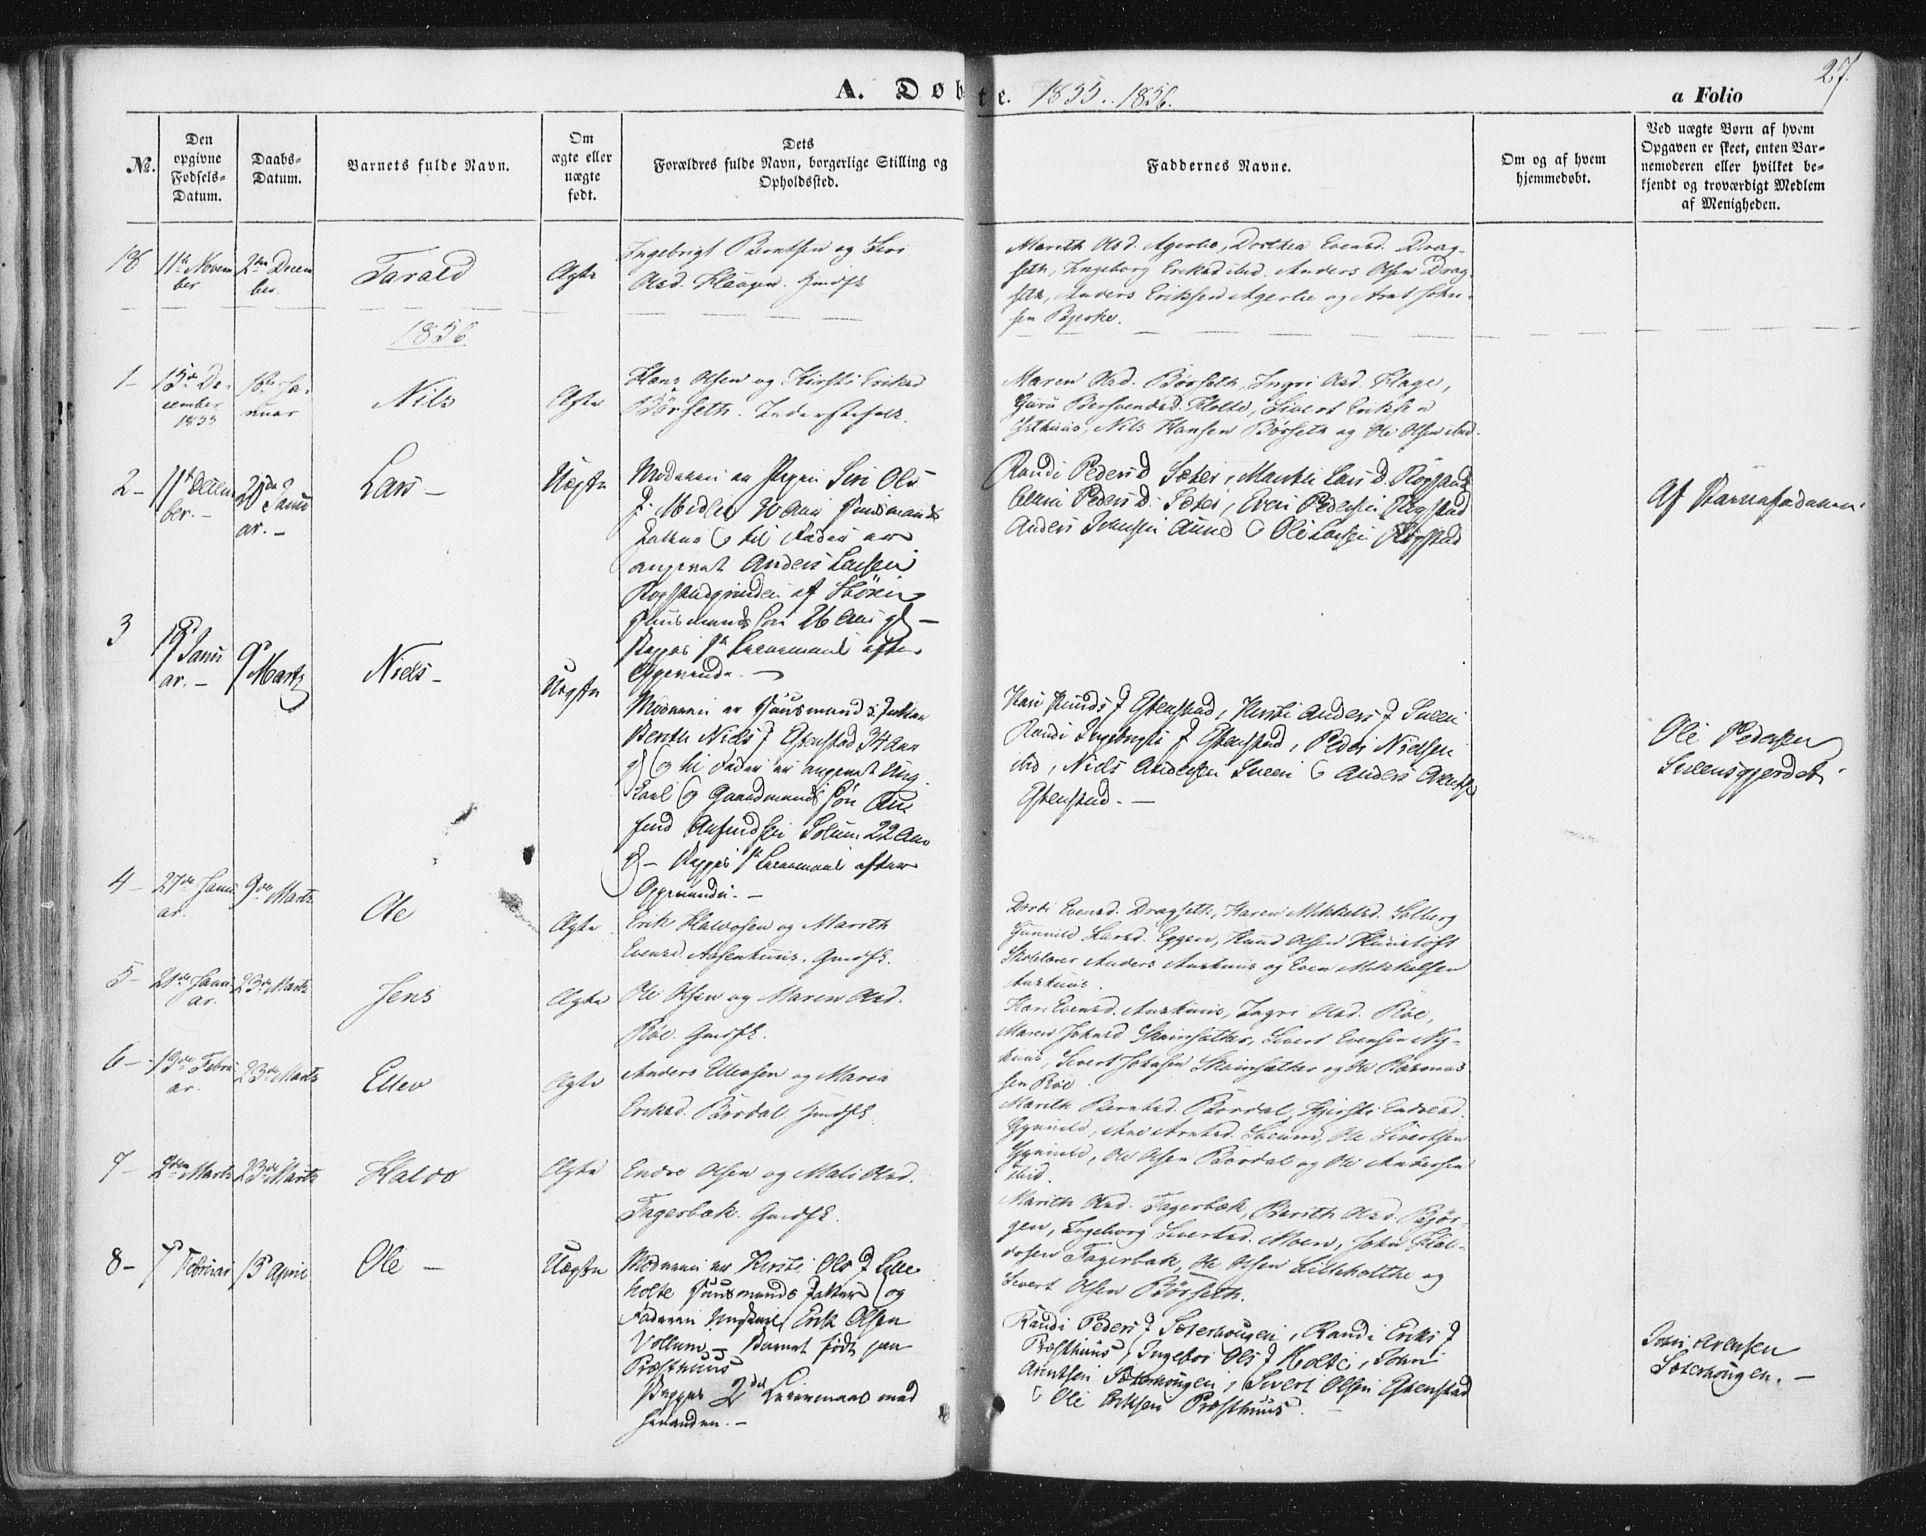 SAT, Ministerialprotokoller, klokkerbøker og fødselsregistre - Sør-Trøndelag, 689/L1038: Ministerialbok nr. 689A03, 1848-1872, s. 27